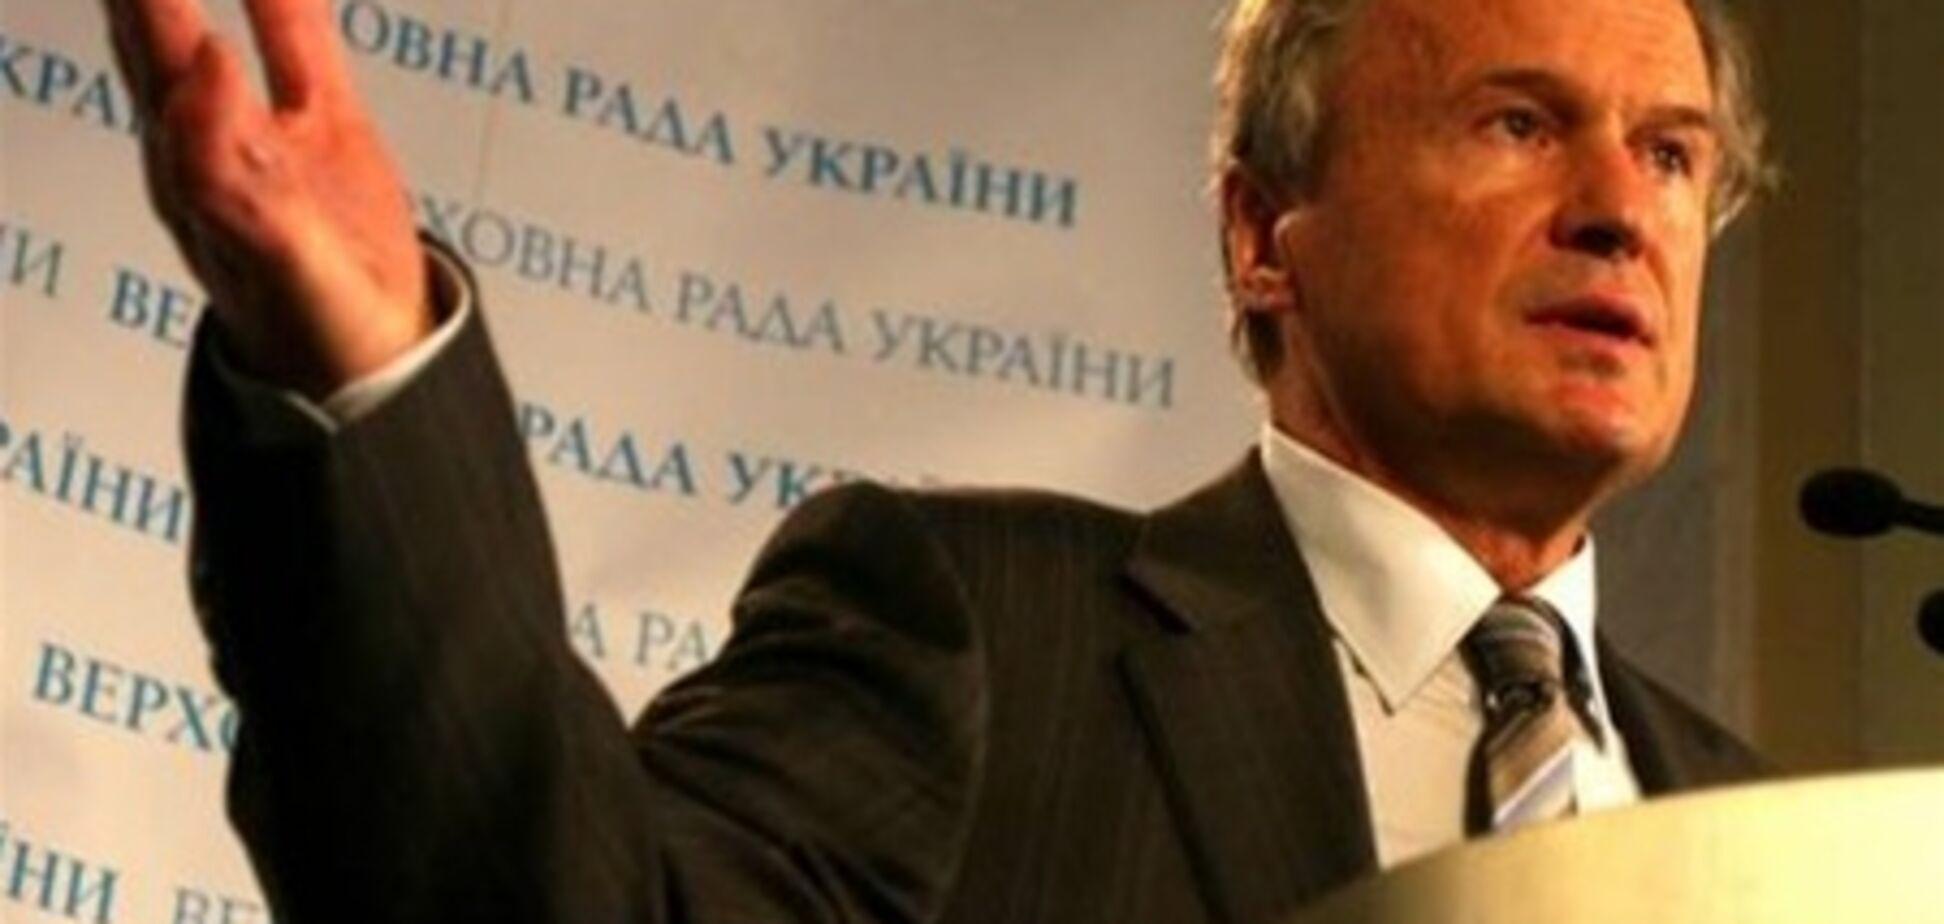 В НУ-НС пугают новыми экономическими войнами между Россией и Украиной